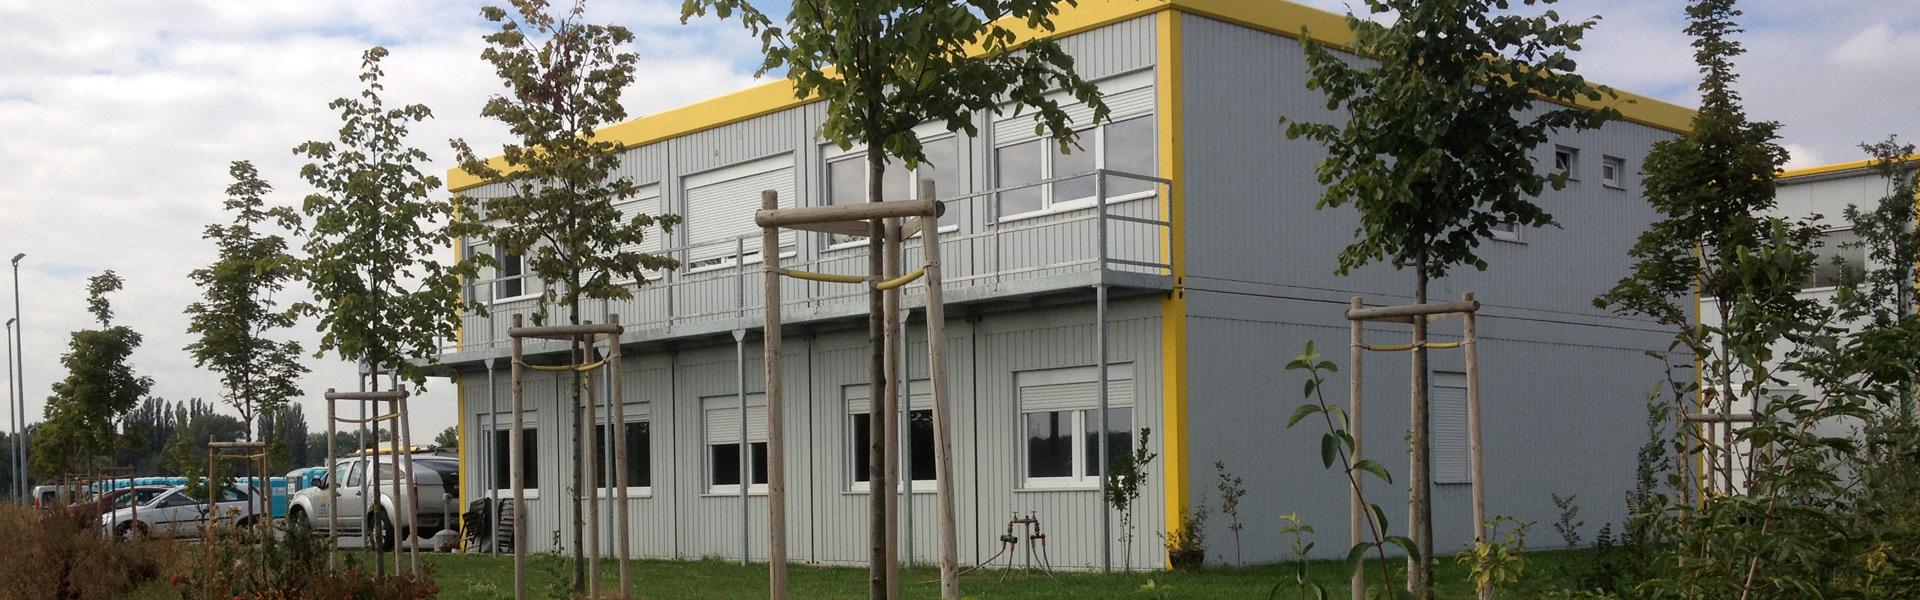 Containeranlage als Wohngebäude